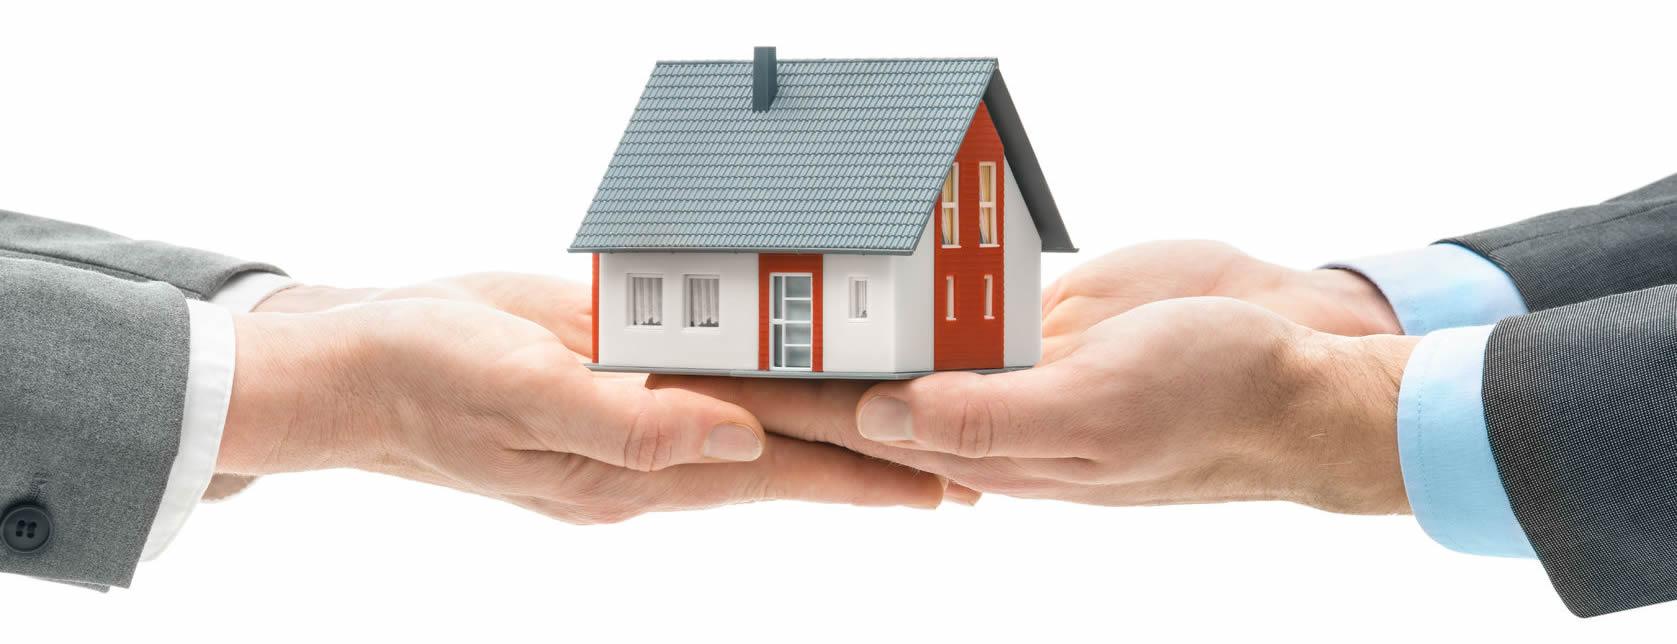 3 Home Construction Secrets You Never Knew